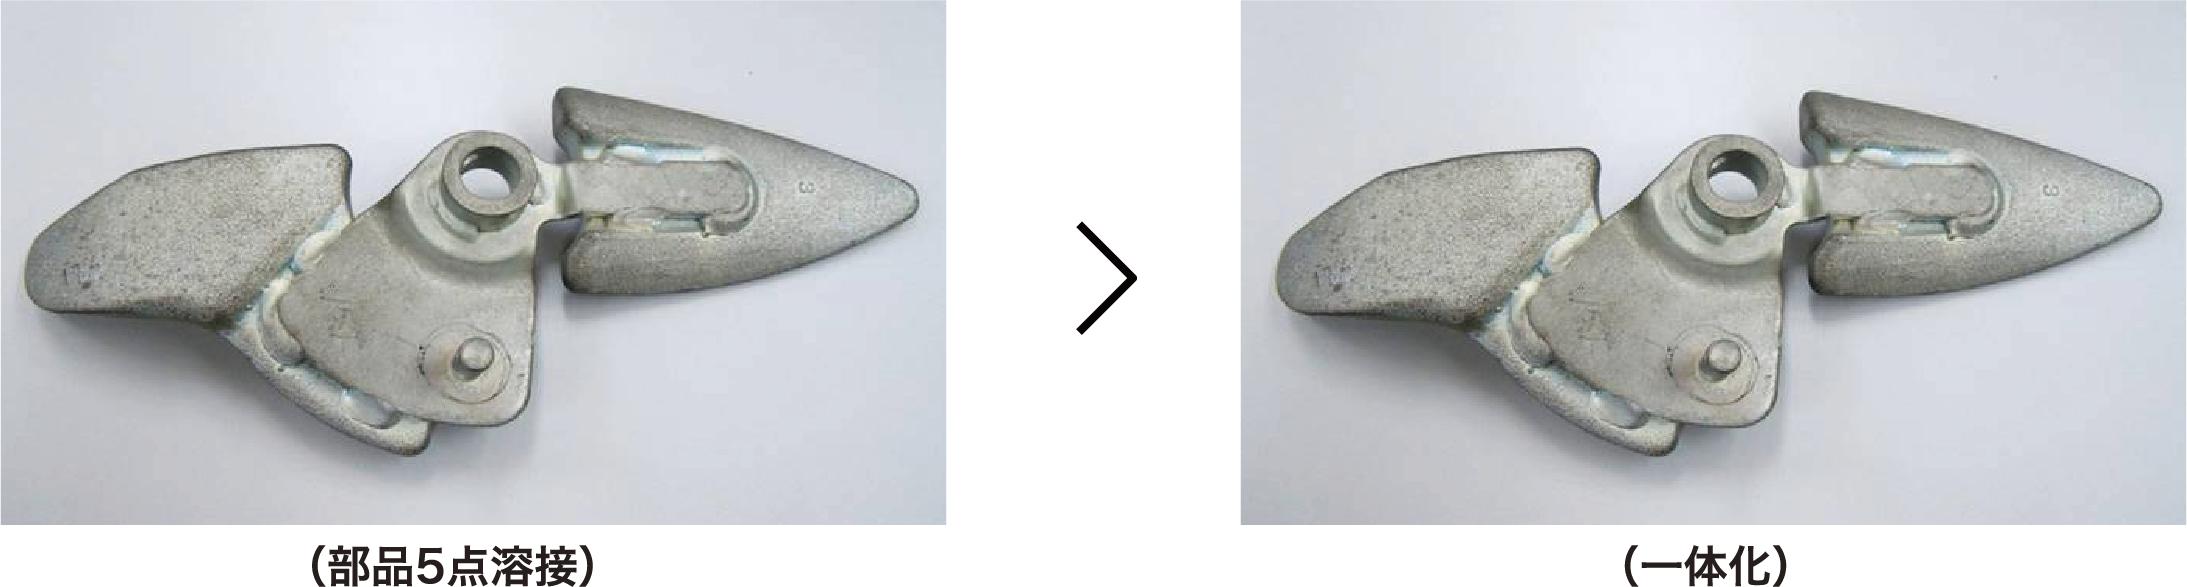 5部品を一体化製造画像